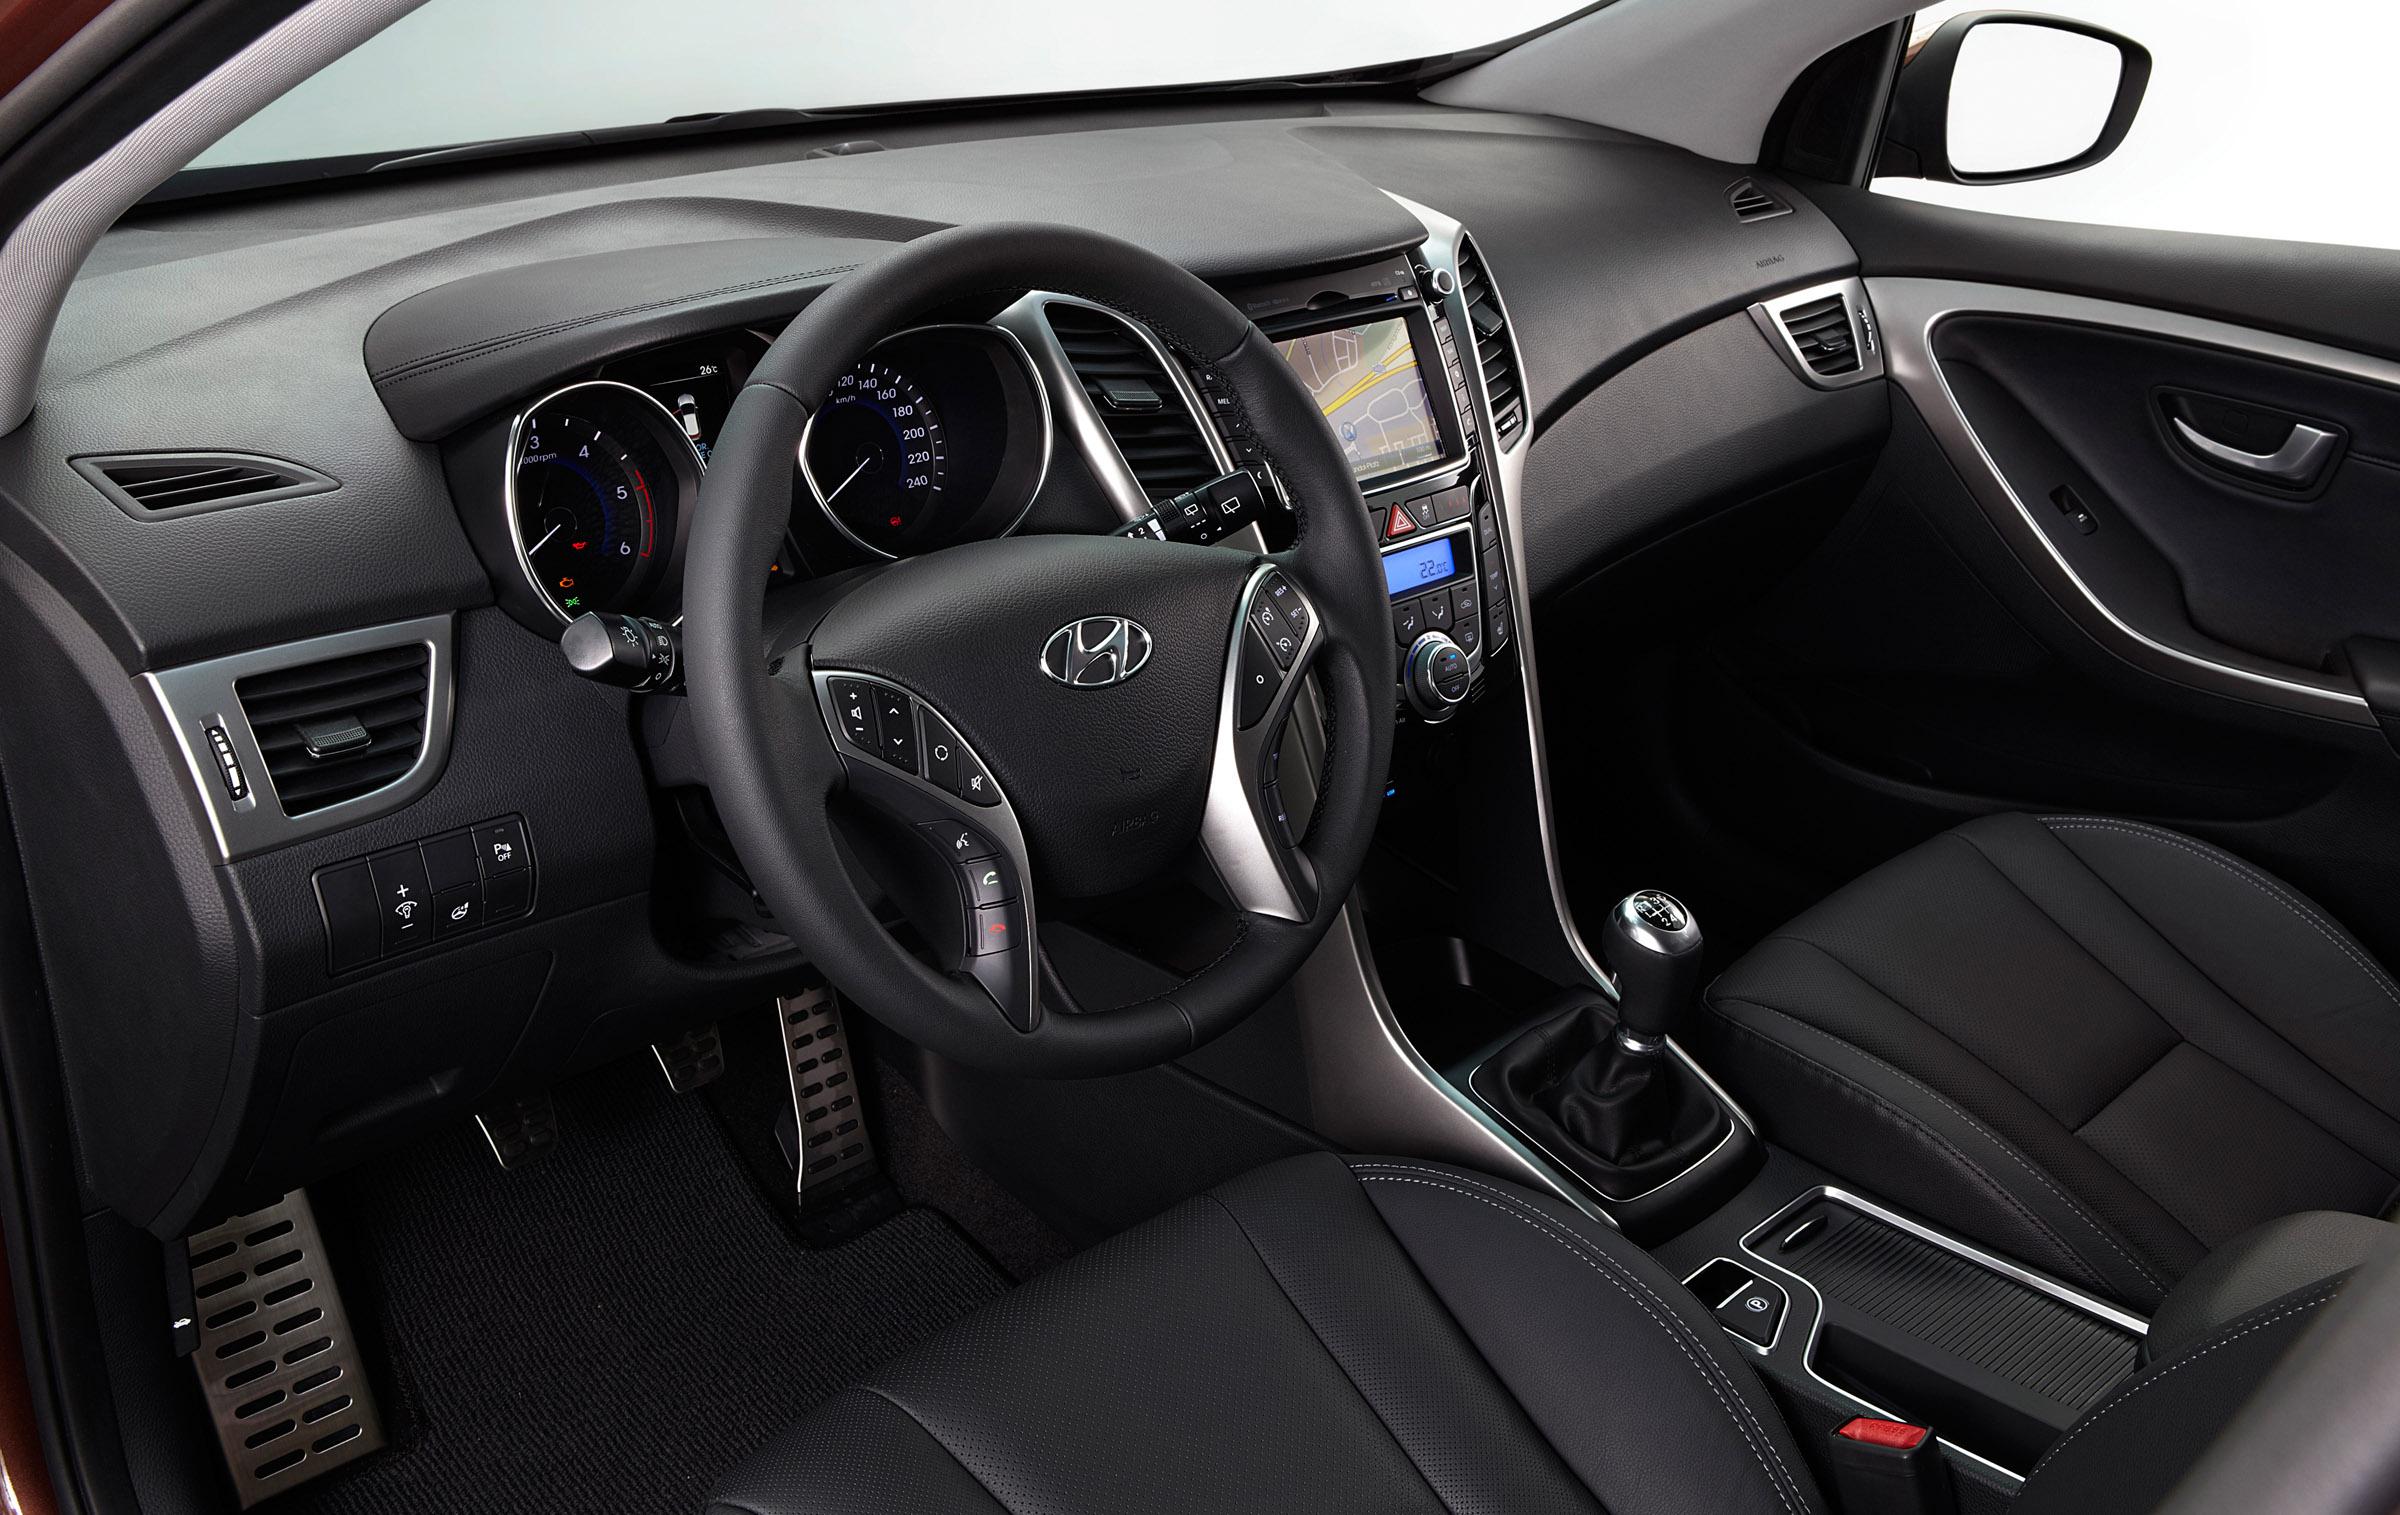 2012 Hyundai I30 5 Door Price 163 14 495